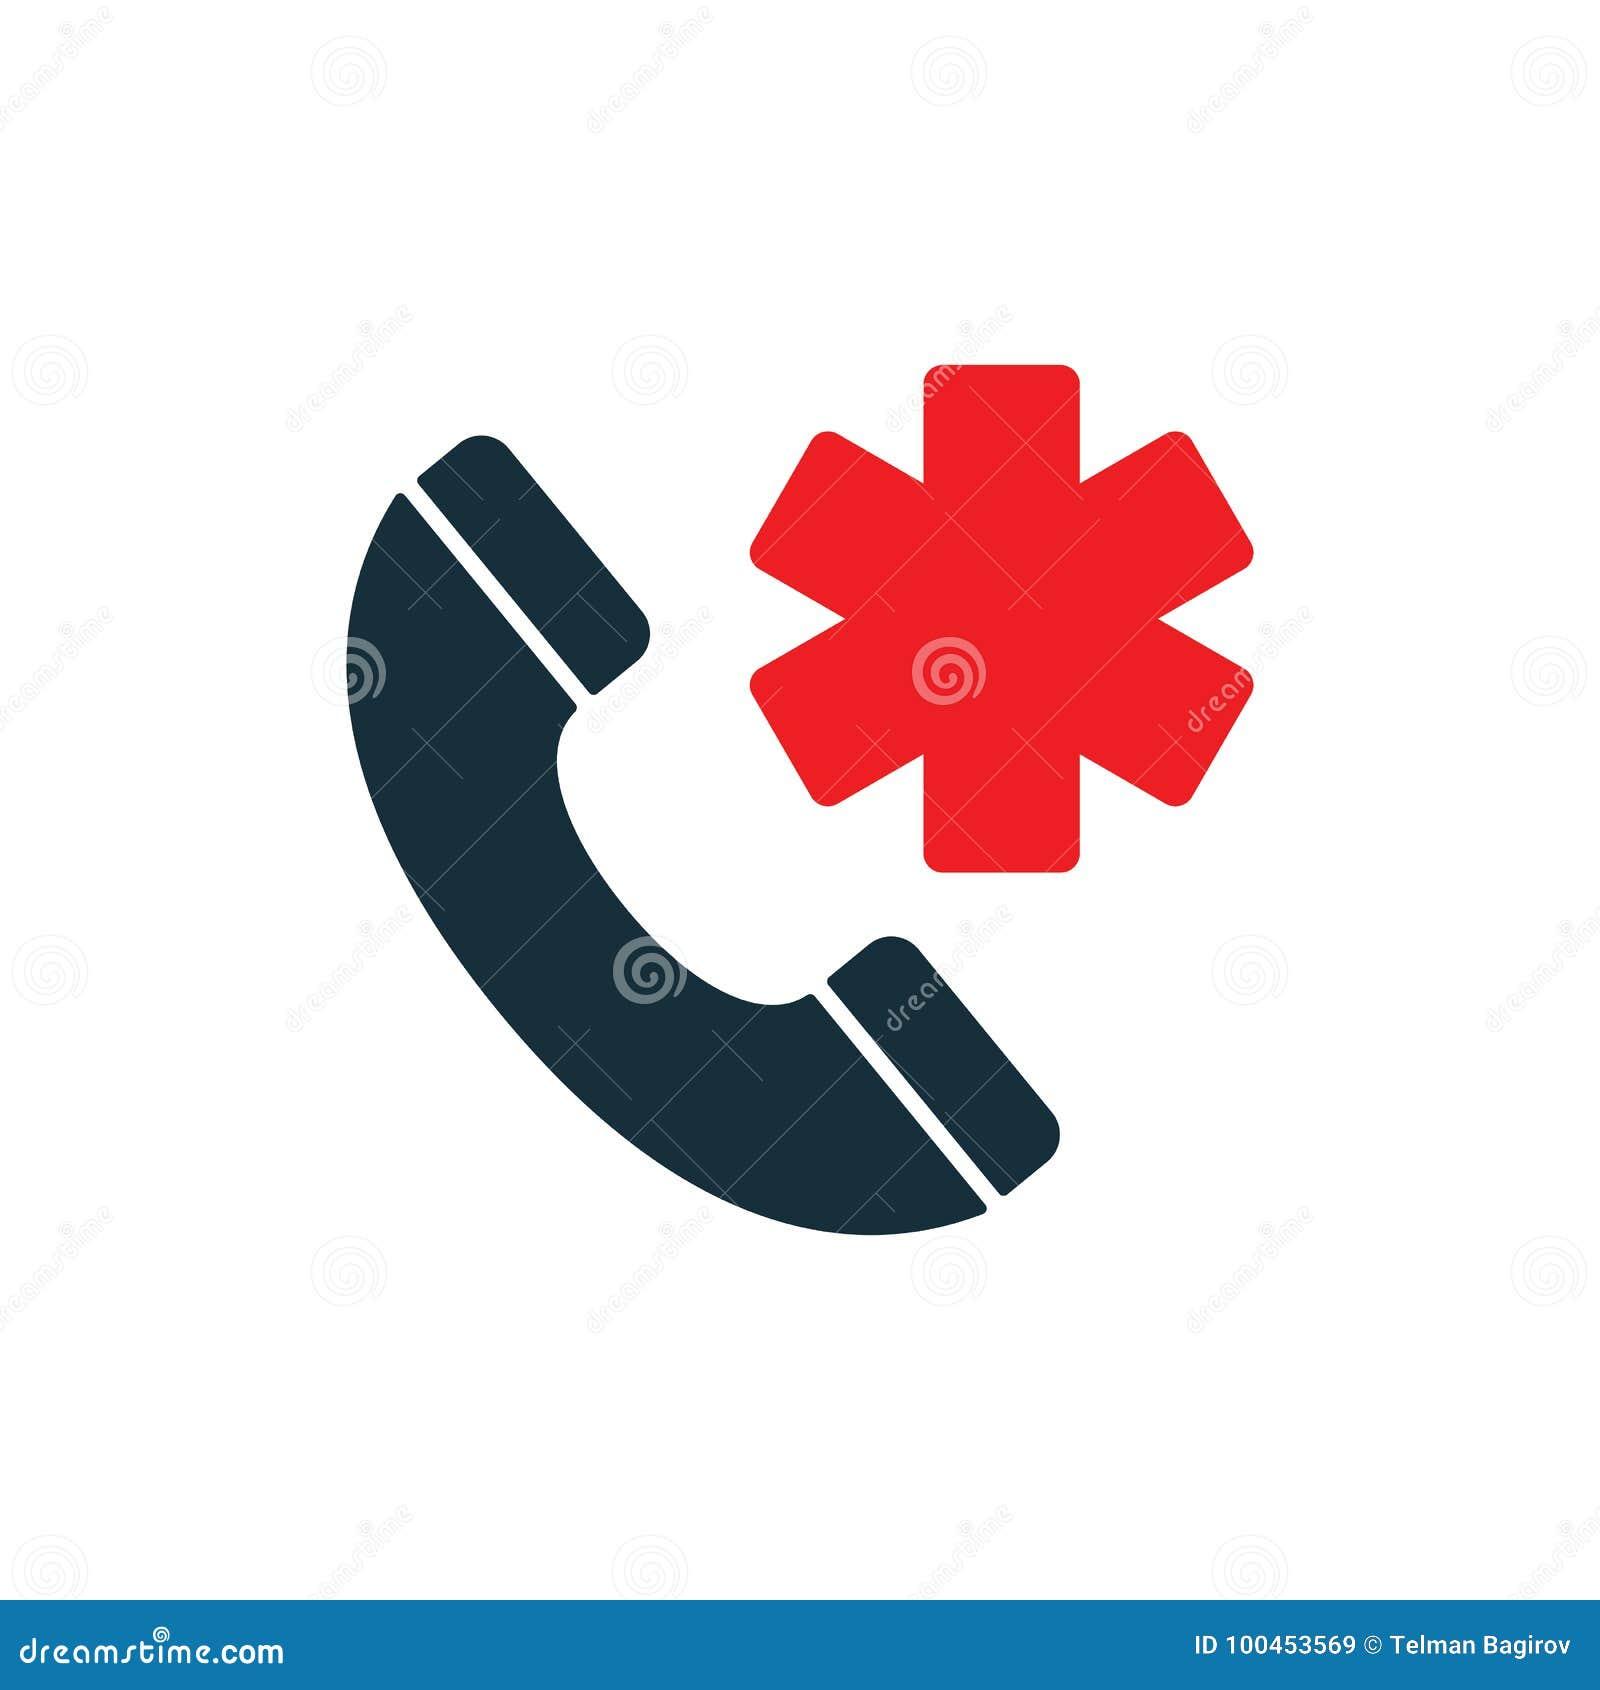 Medical Emergency Phone Icon On White Background Stock Illustration